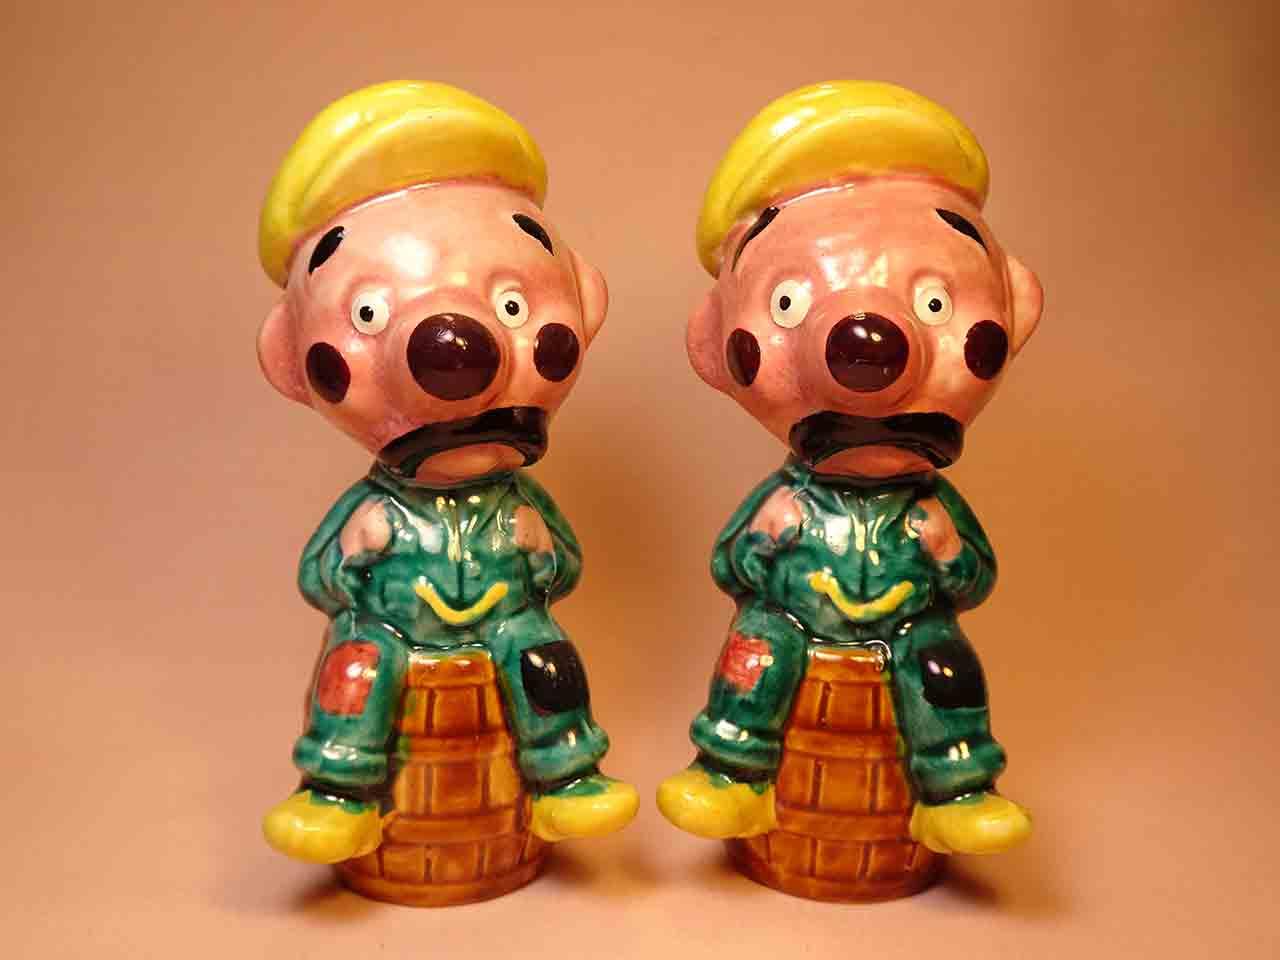 Clown-like strange fellows salt and pepper shakers - guys on barrels